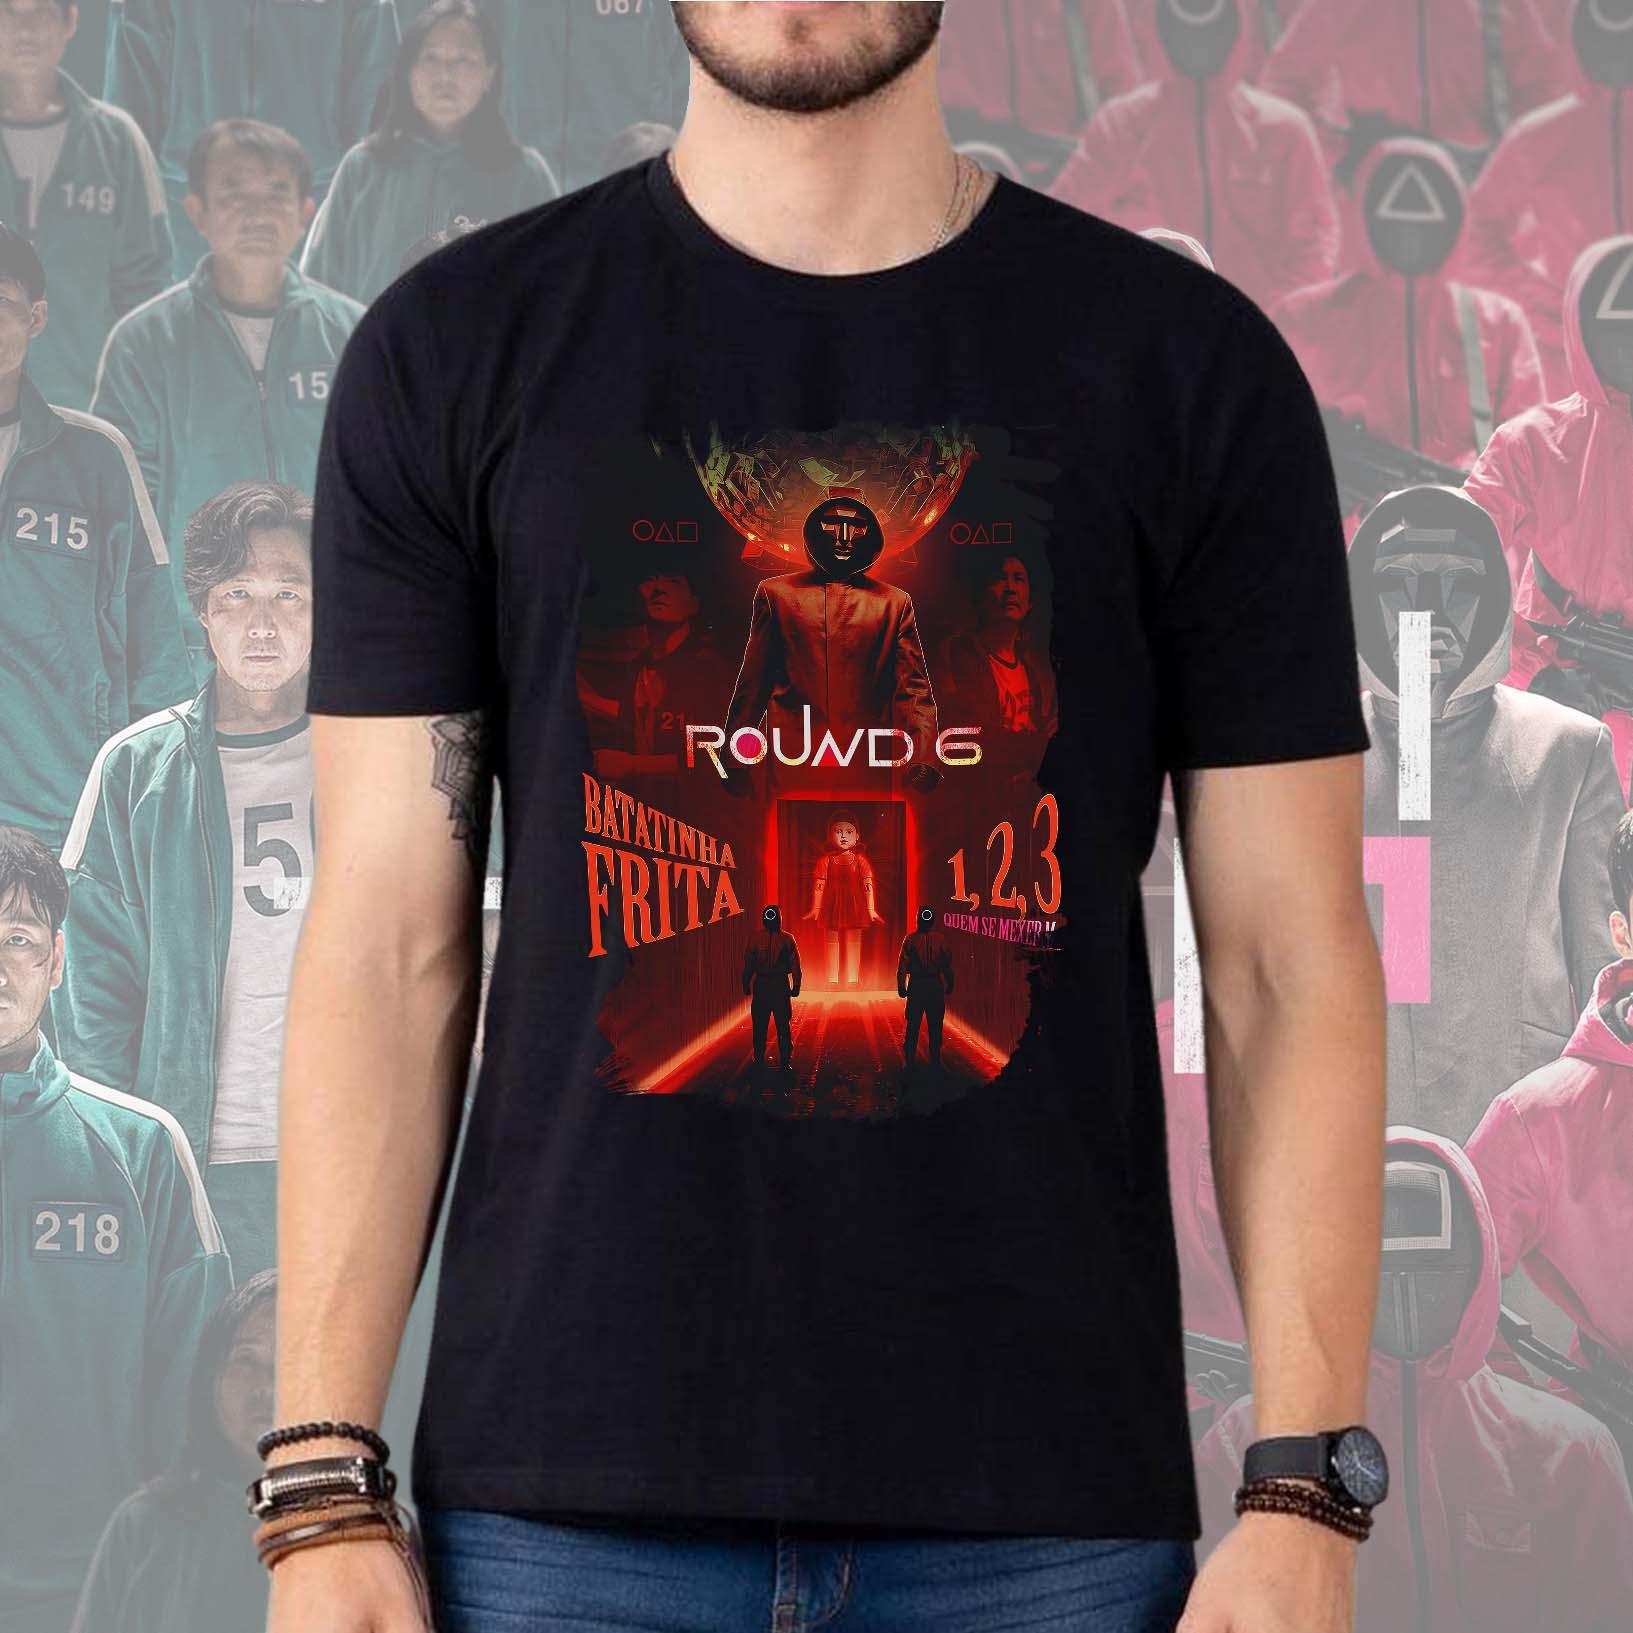 Camiseta Masculina Unissex Round 6 Squid Game Batatinha Frita 1 2 3 Boneca Netflix (Preta) - EV